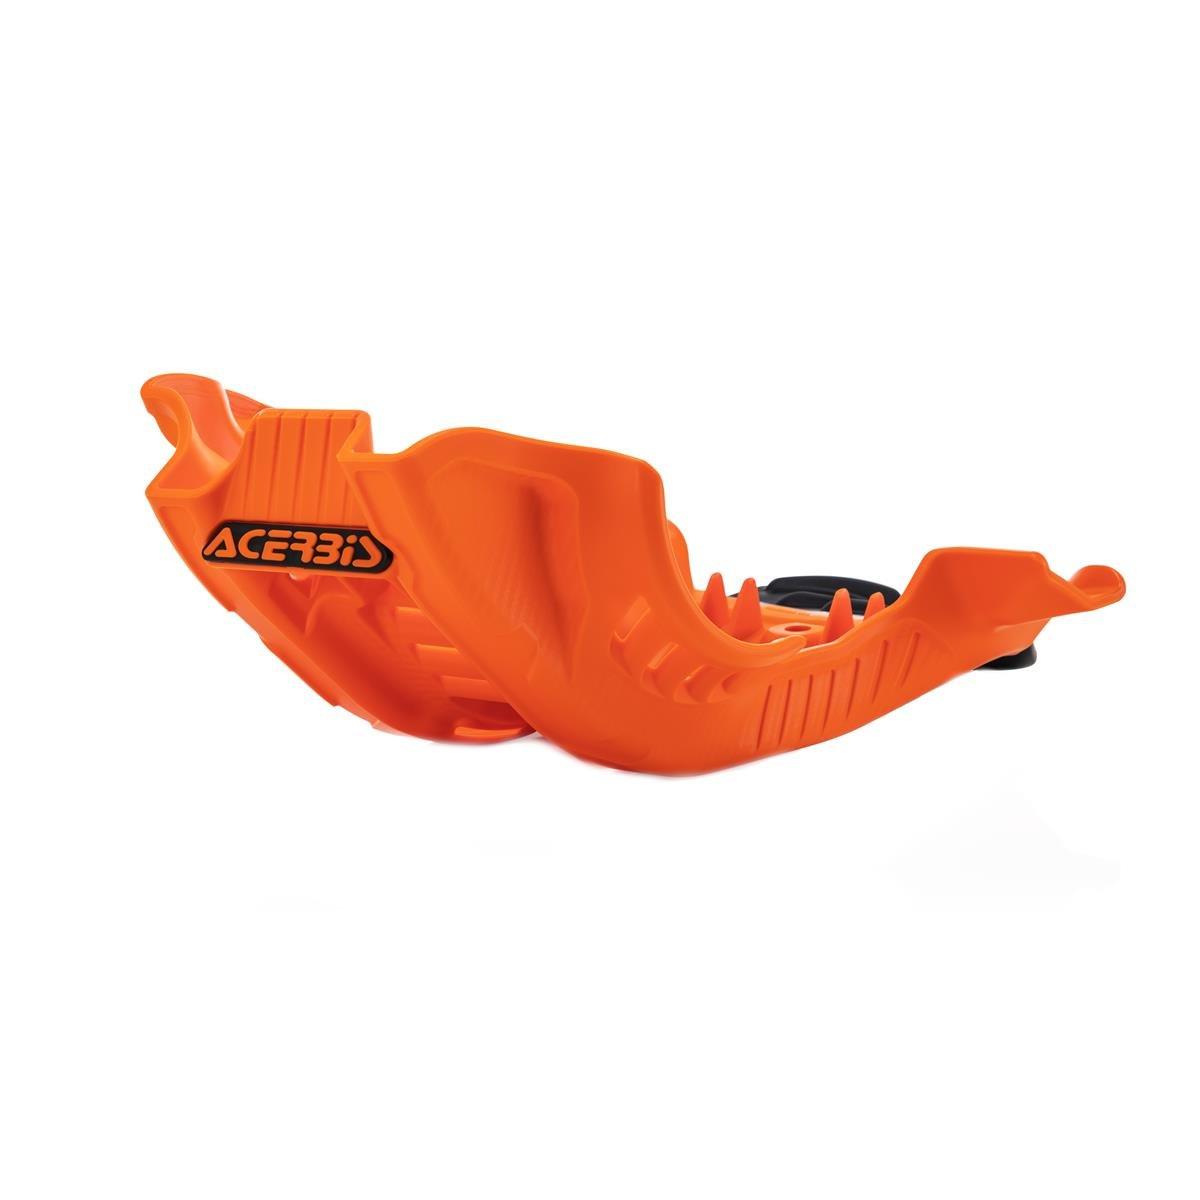 Acerbis Motorschutzplatte  Husqvarna FC 250/350 '19, KTM SX-F 250/350 '19, Orange/Schwarz